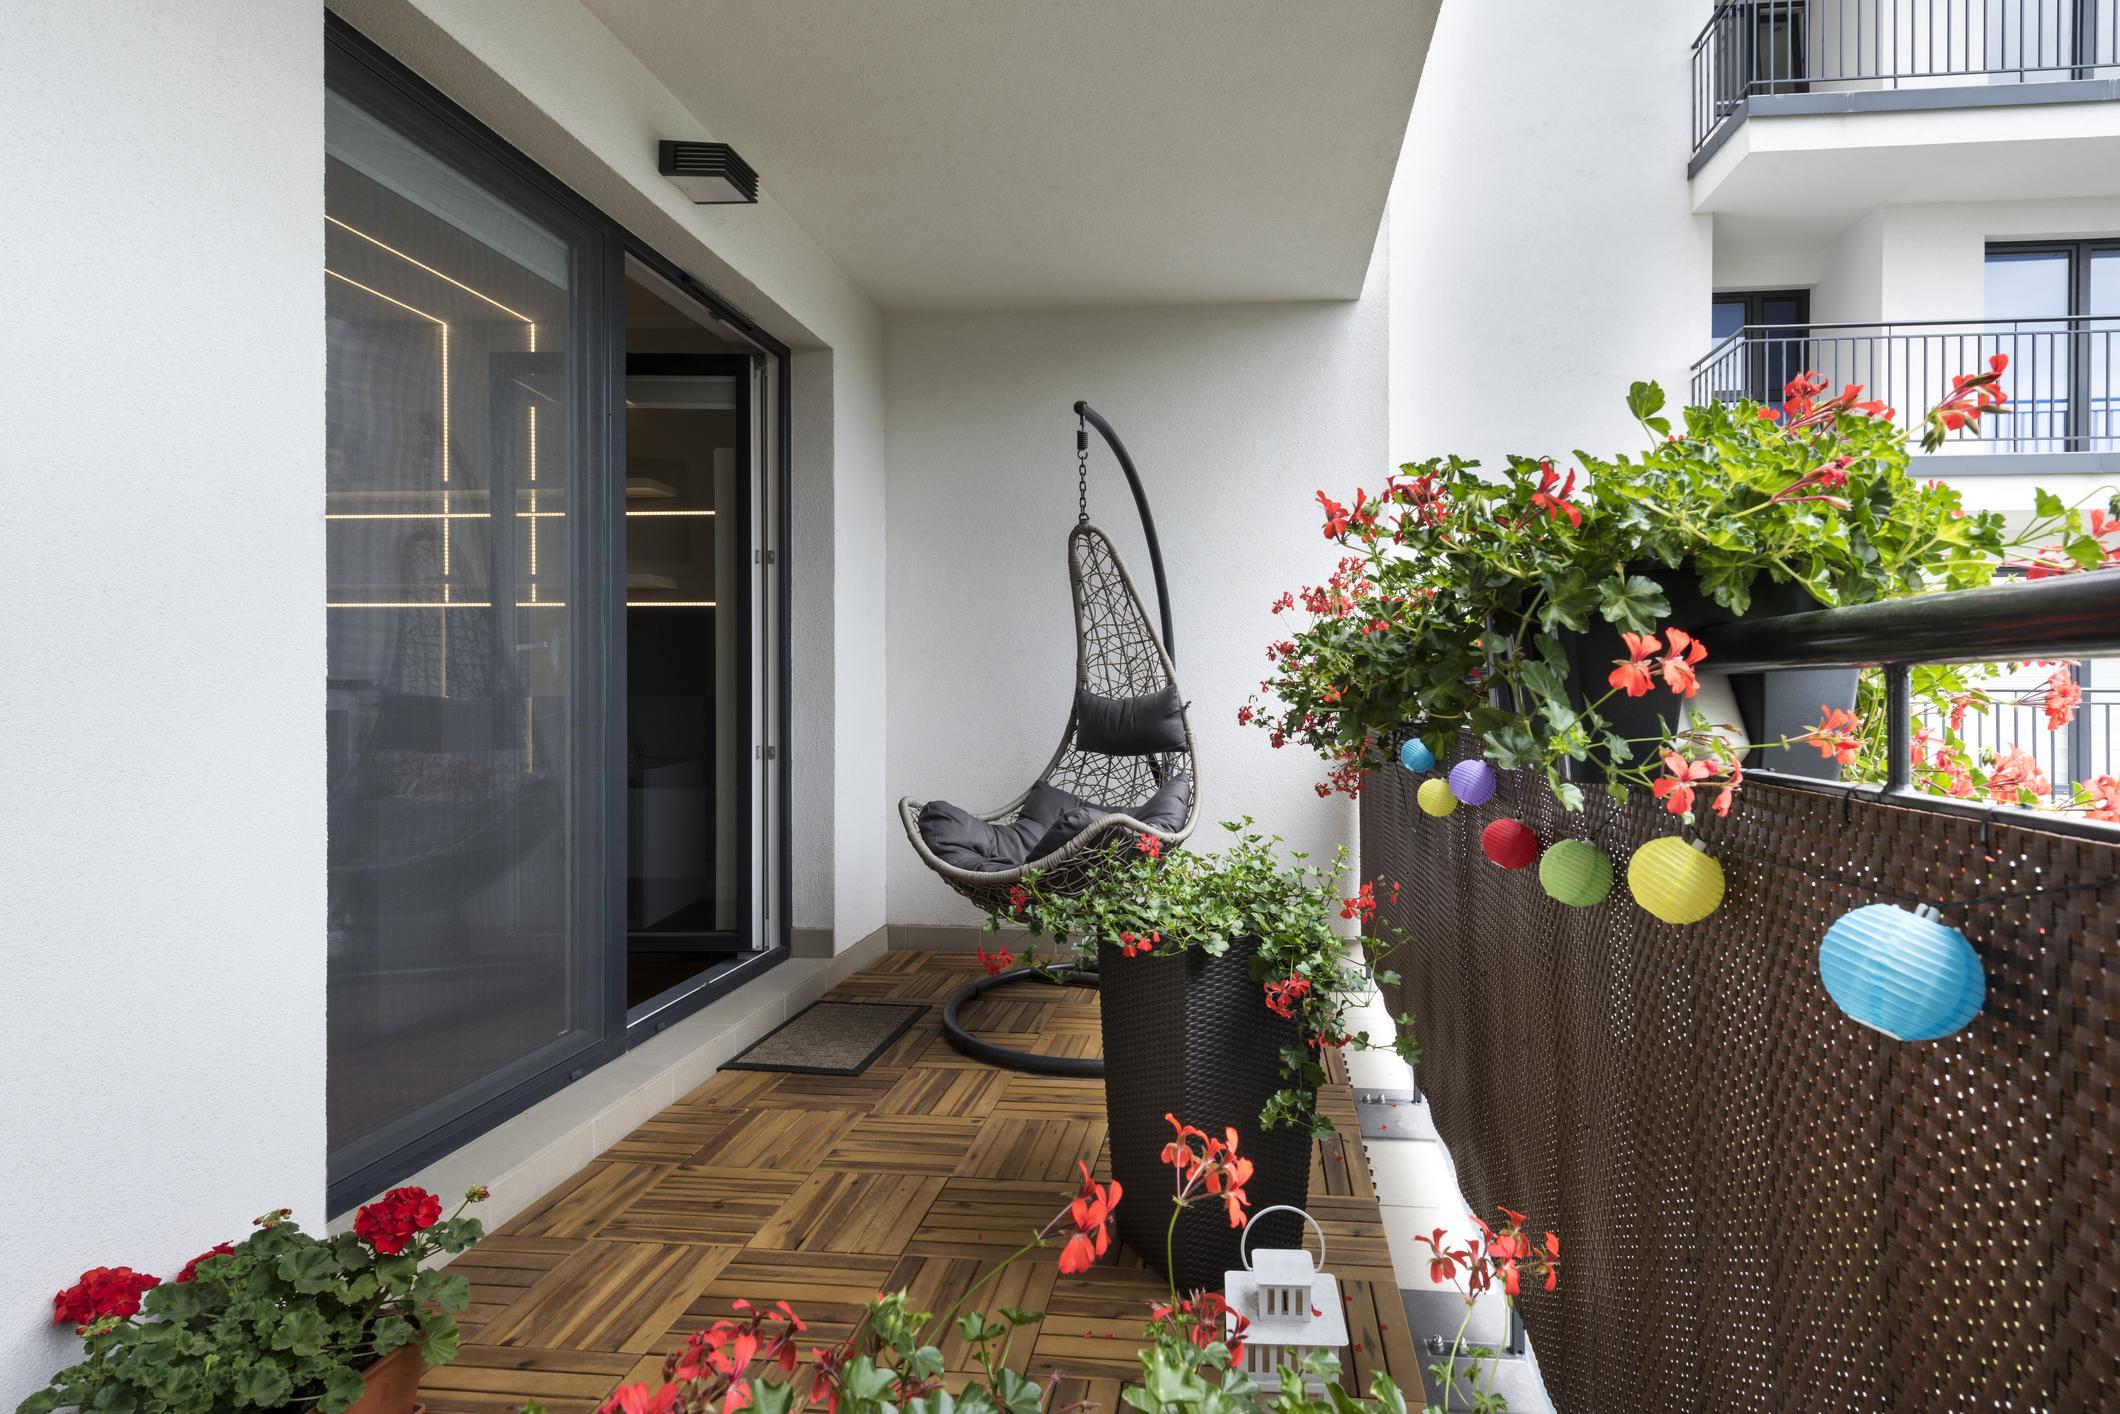 Balkon w nowych budynkach jest standardem